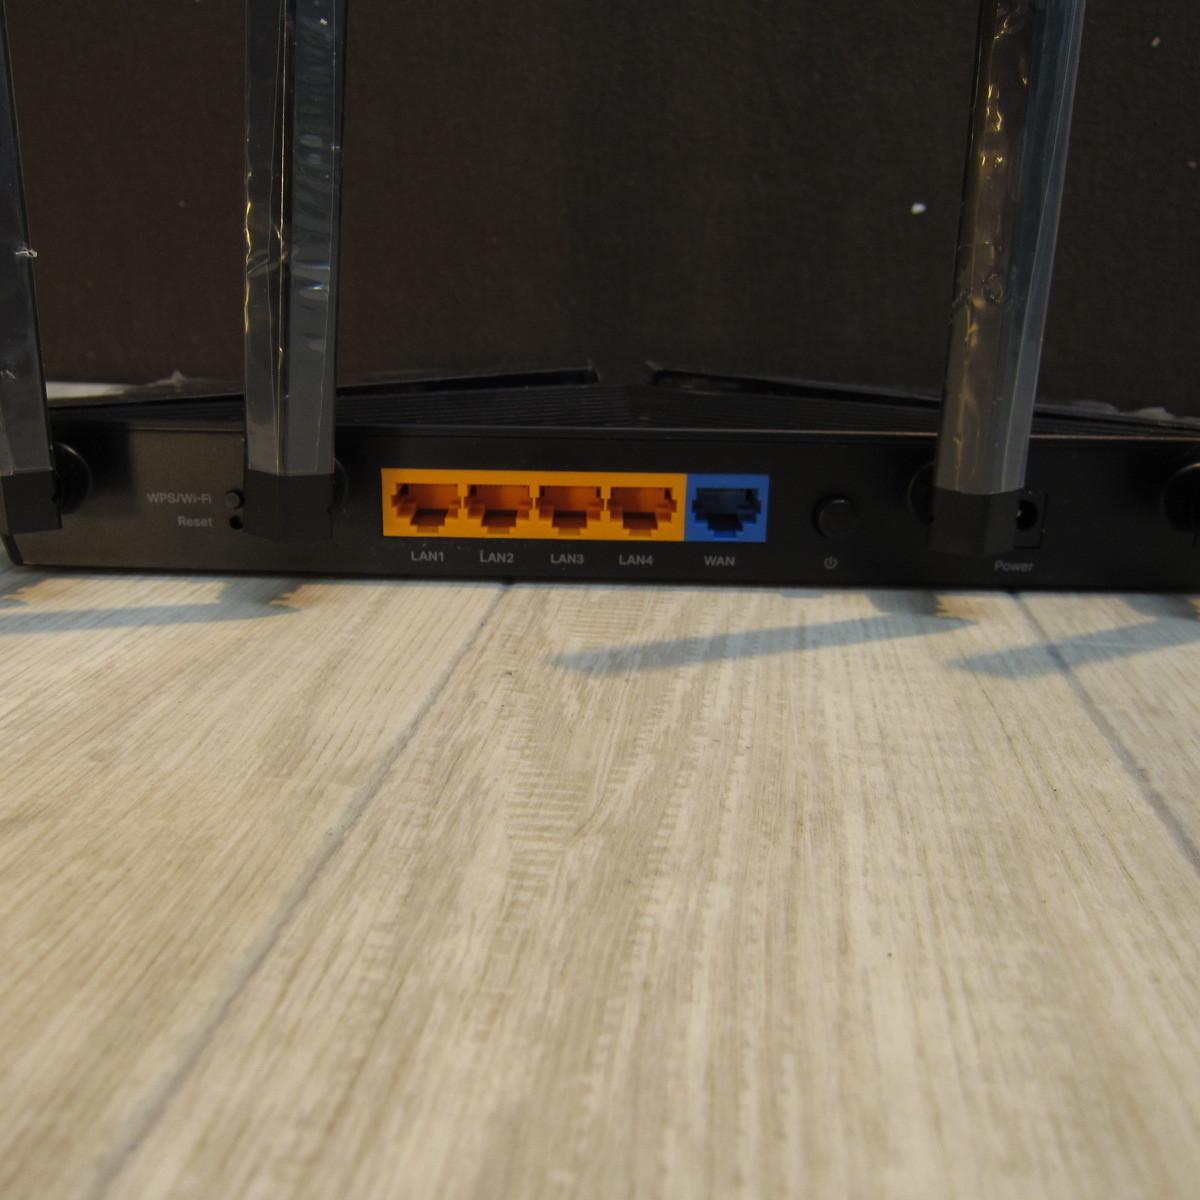 B6104【美品】TP-Link WiFi ルーター 無線LAN Wi-Fi6 11AX AX1500 1201 + 300Mbps 1.5 GHz トリプルコアCPU Archer AX10/A